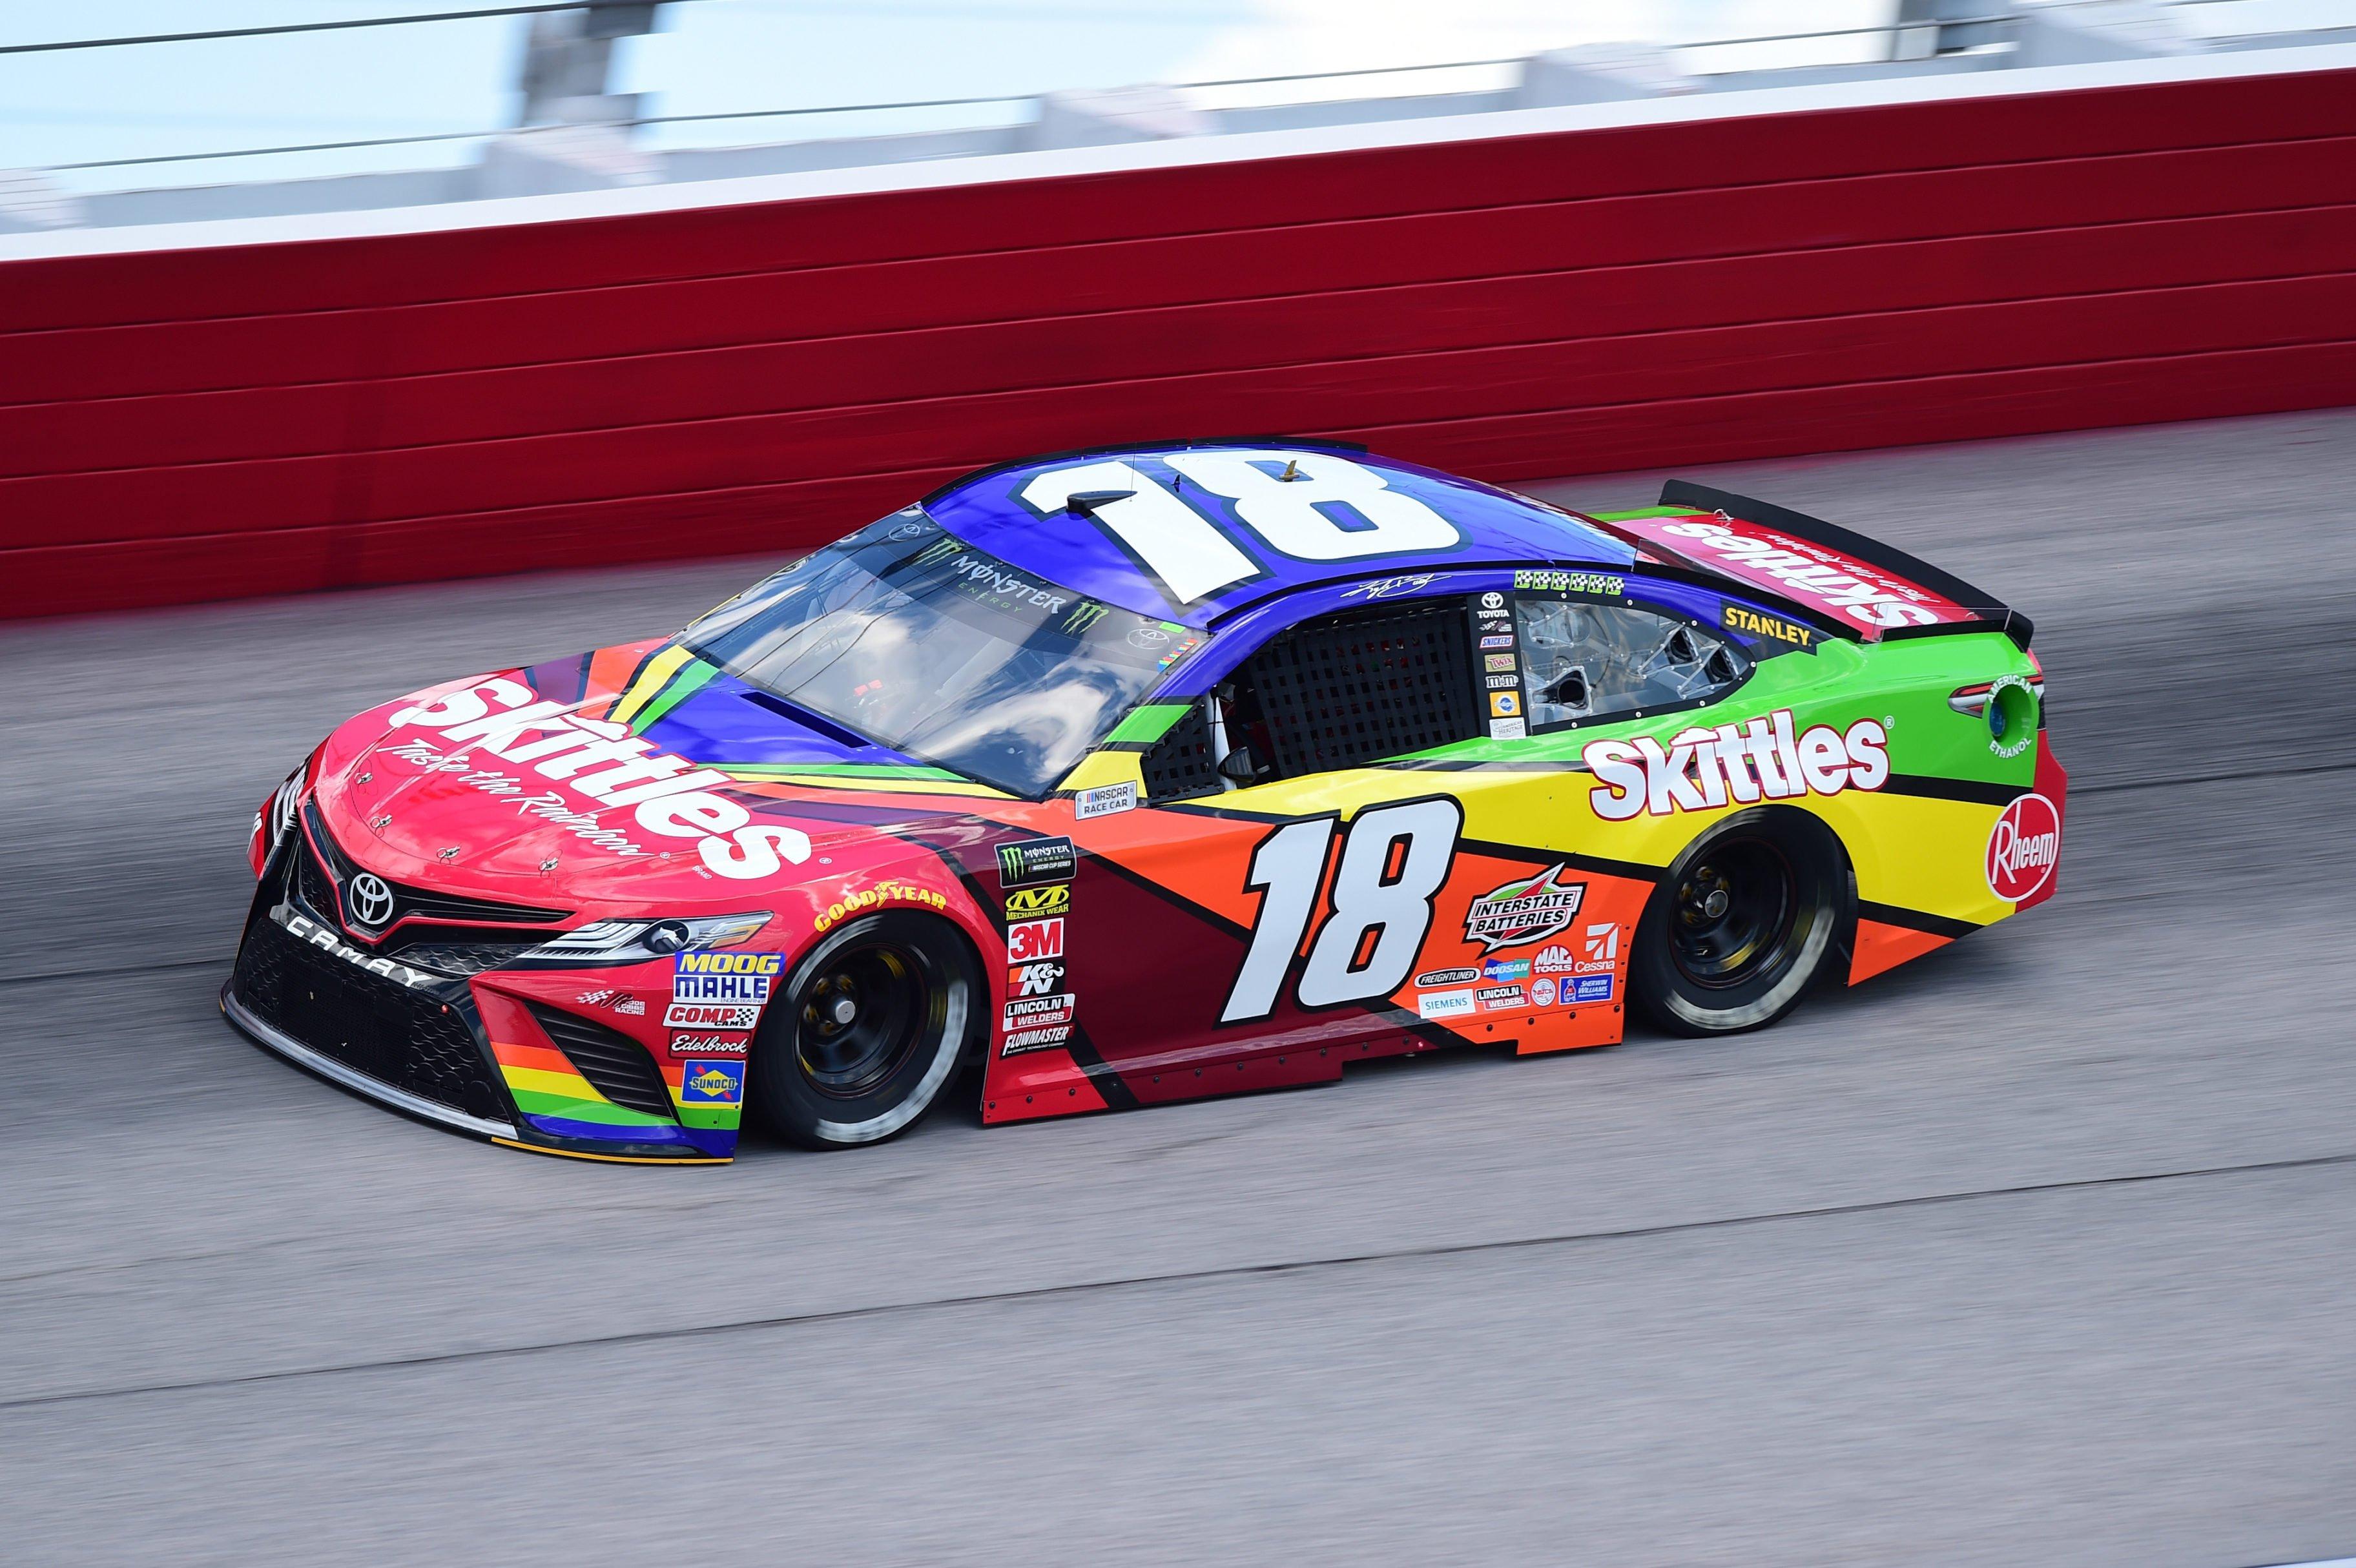 Kyle Busch - 2018 Darlington Raceway paint scheme